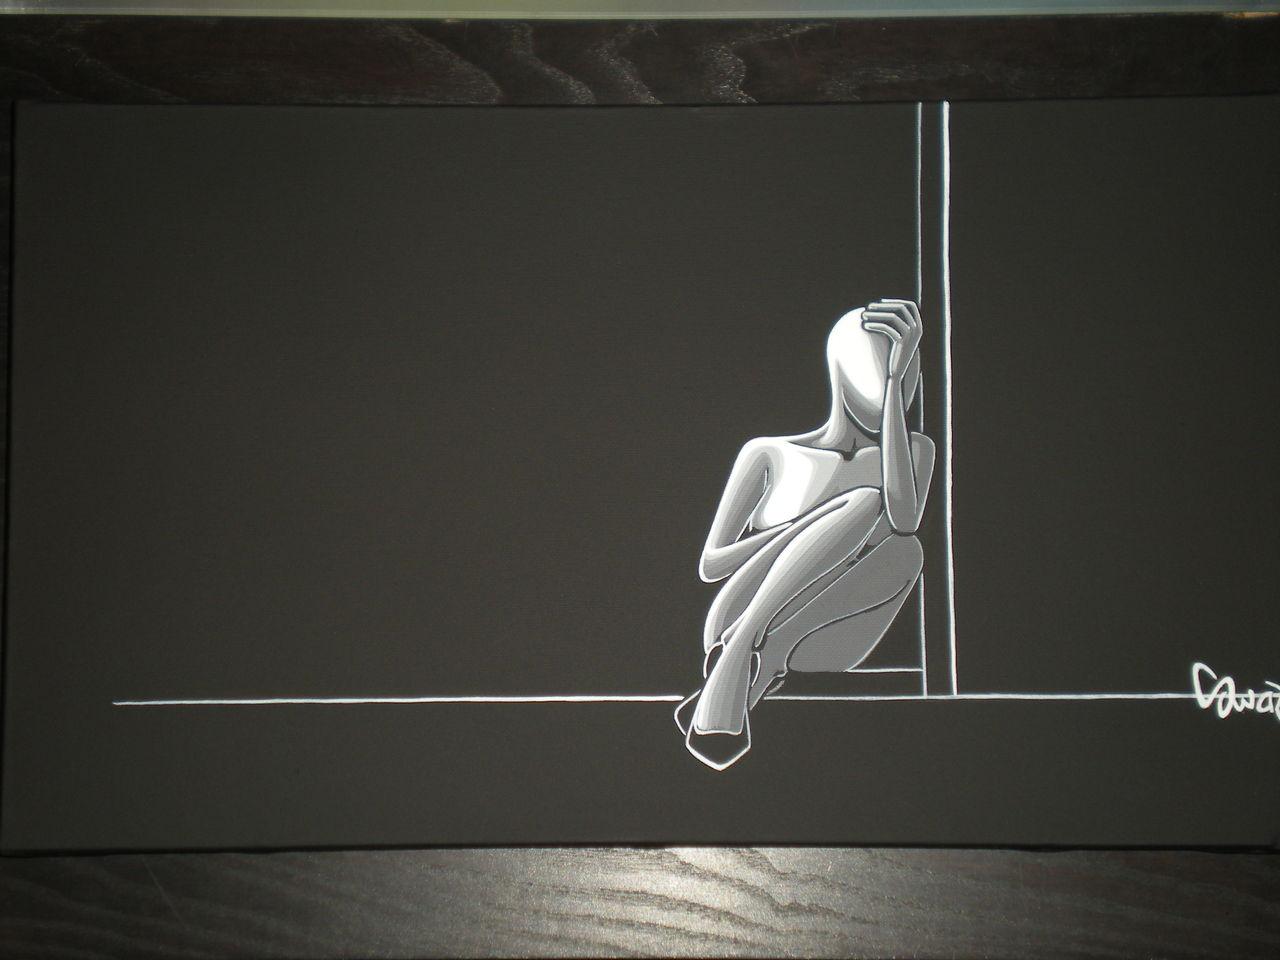 souad halima-rihoum dit SWAD en tant qu'artiste MOMENT DE SOLITUDE